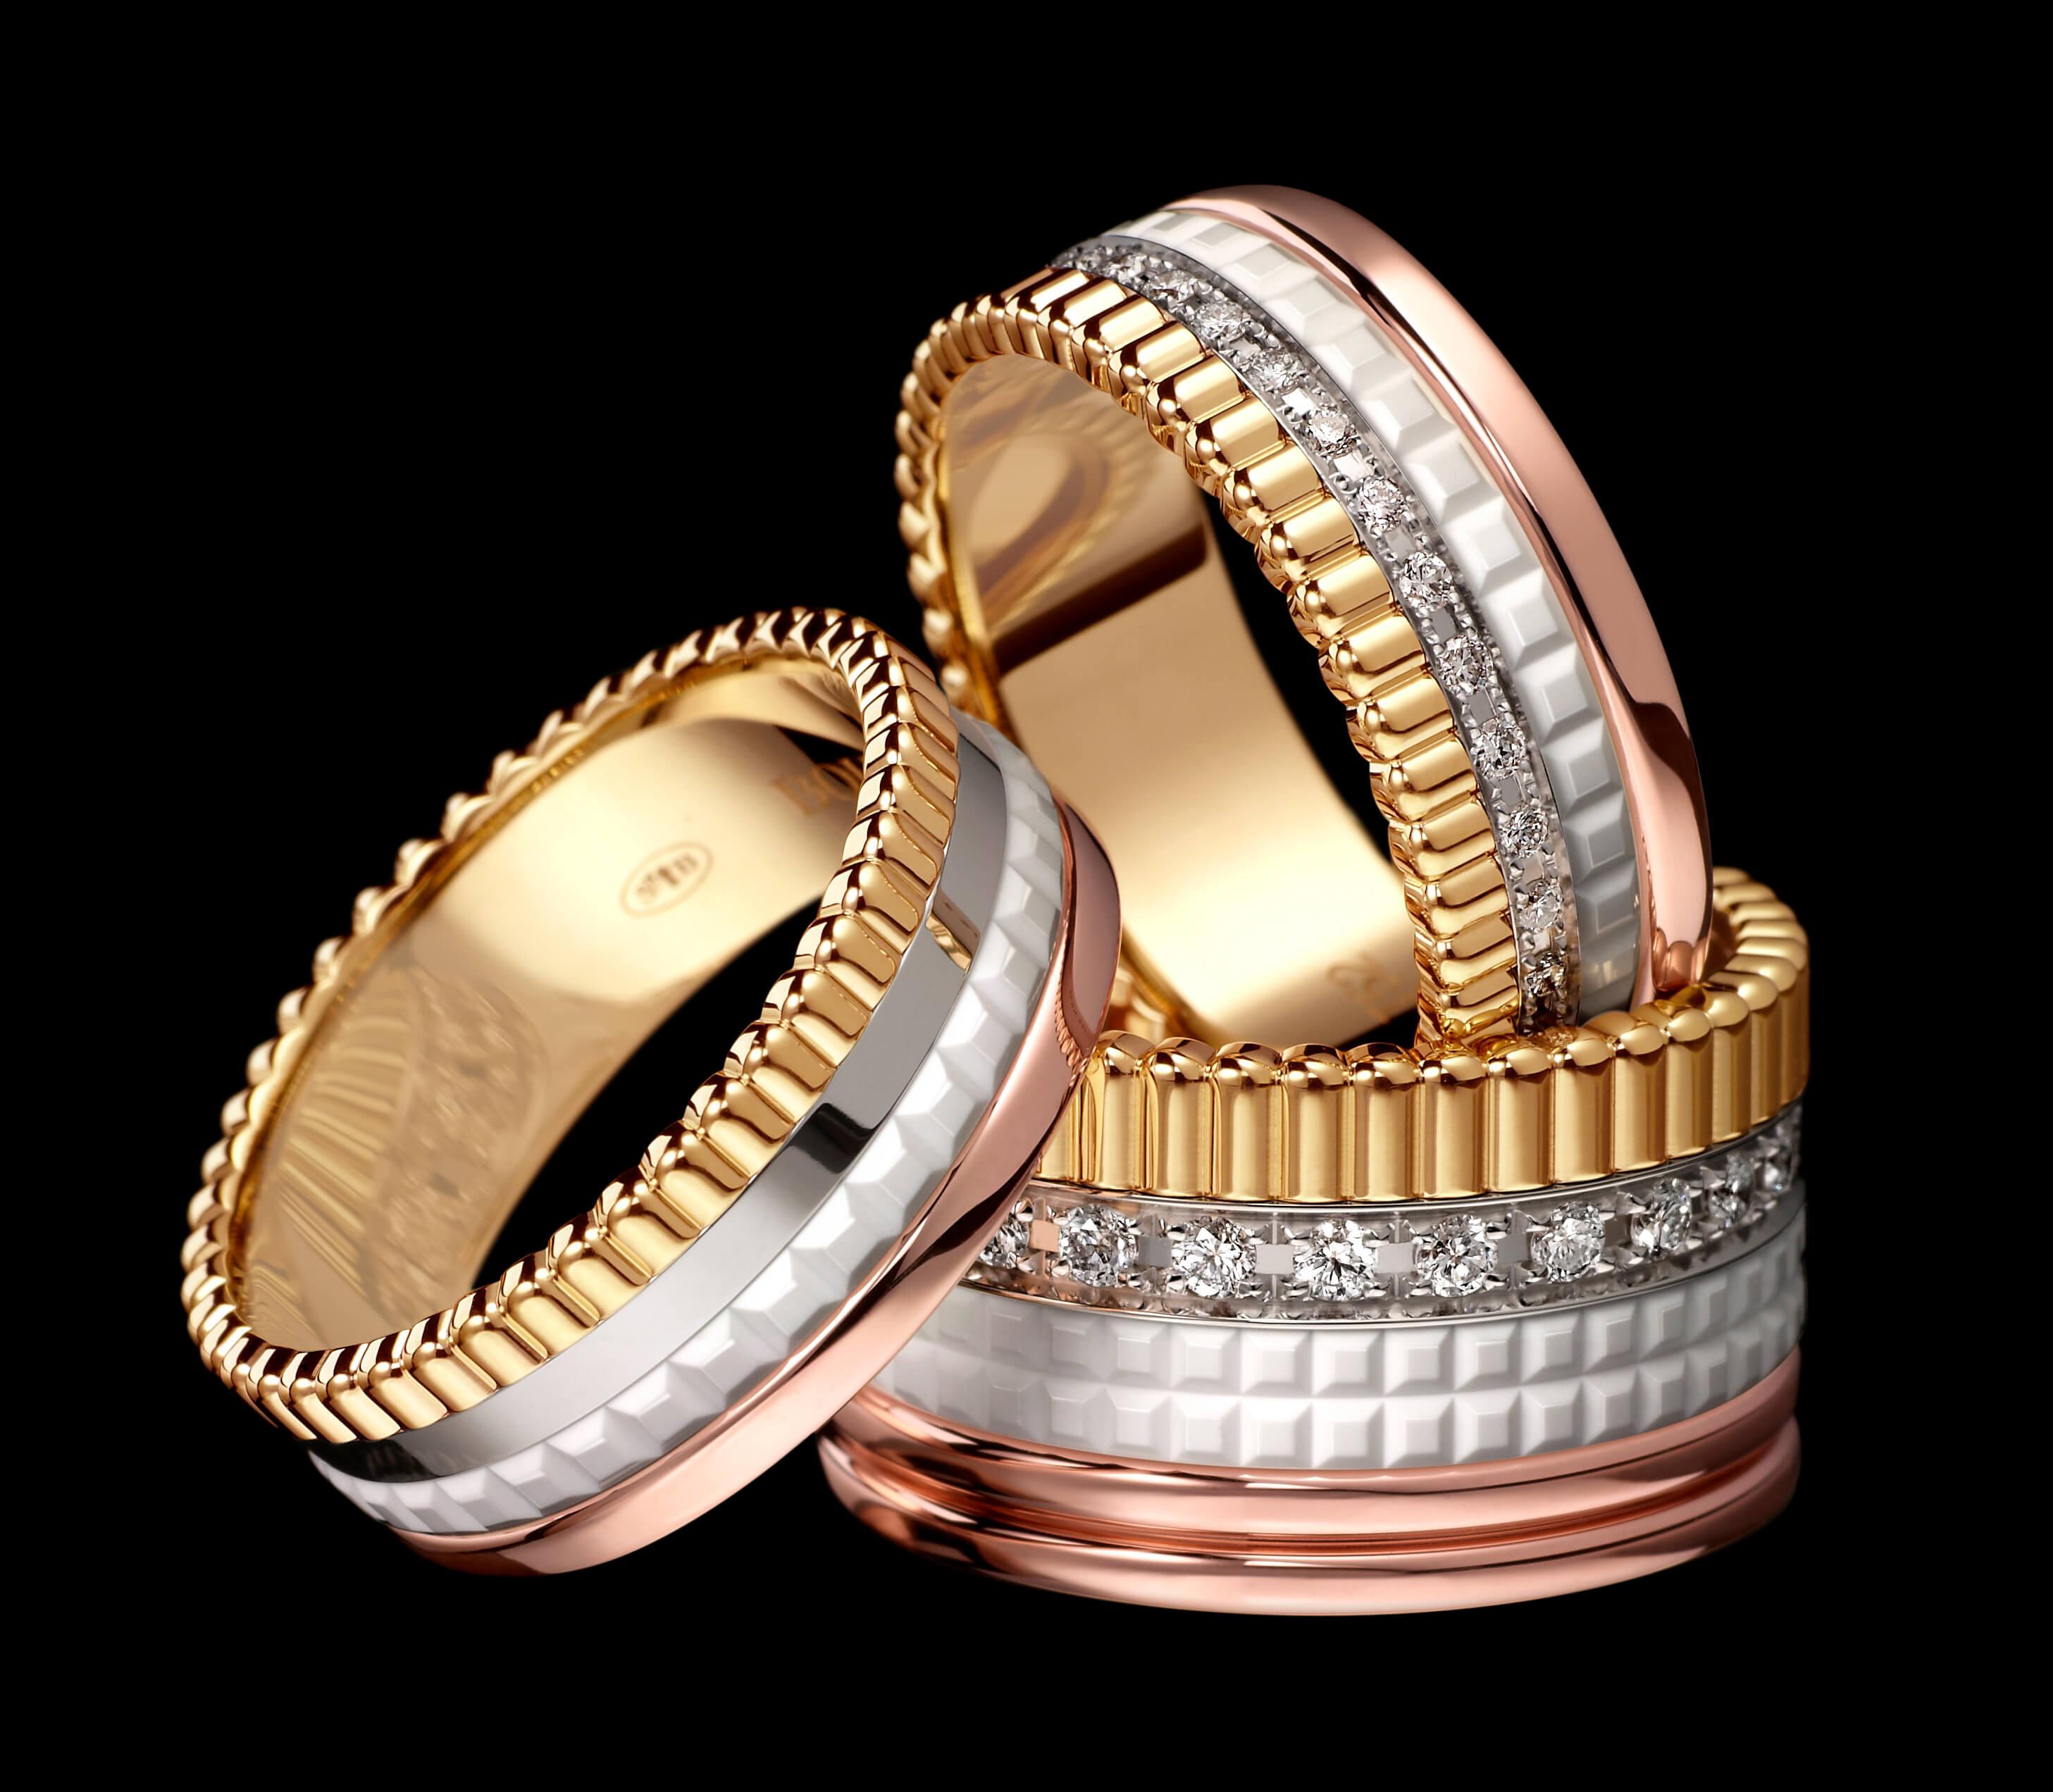 2a73fa15aed8 Dónde vender oro de 24 quilates  - Corazón de Joyas